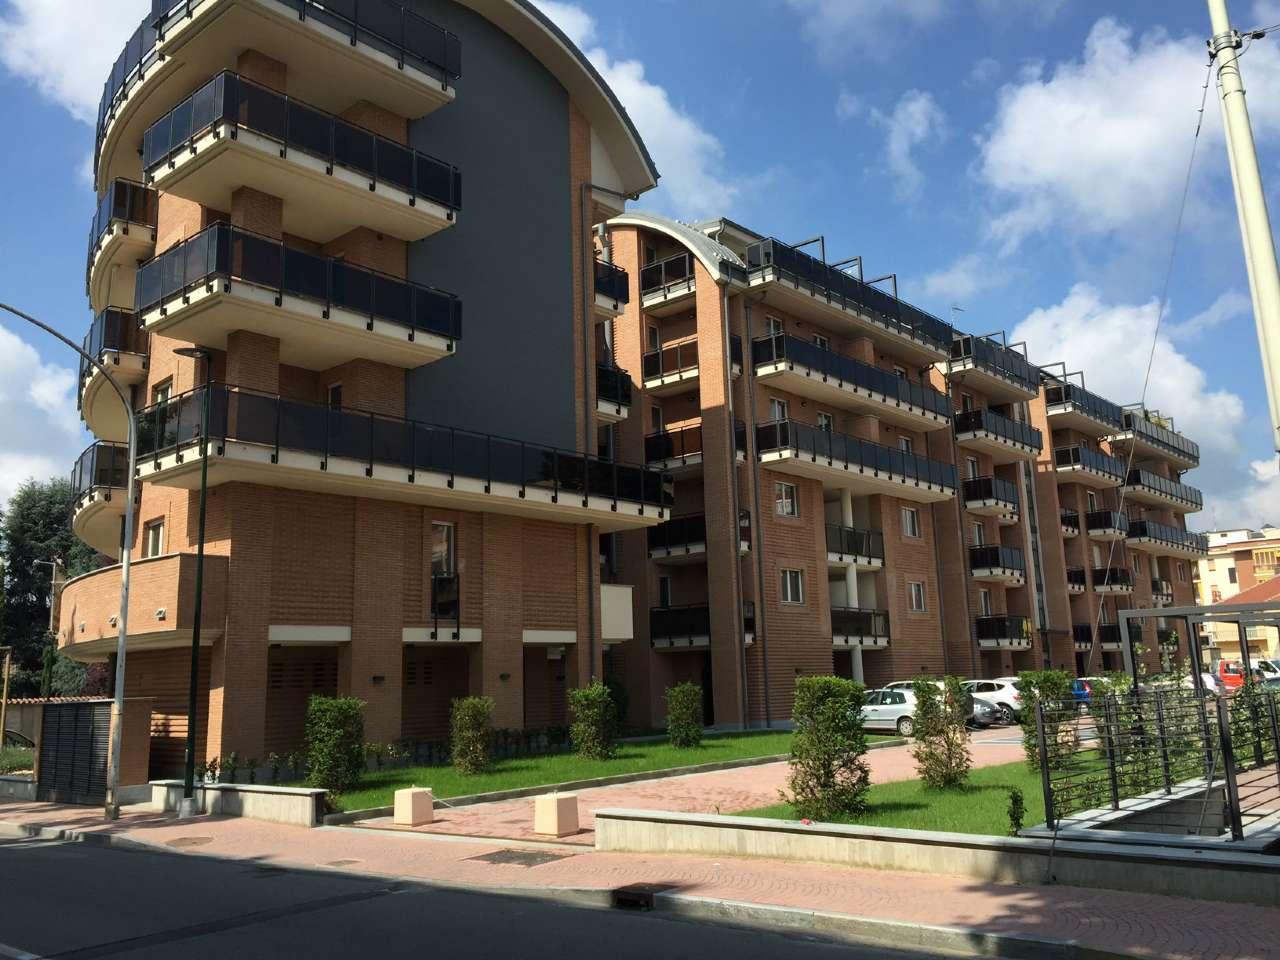 Appartamento in vendita a Chieri, 2 locali, prezzo € 145.000   PortaleAgenzieImmobiliari.it